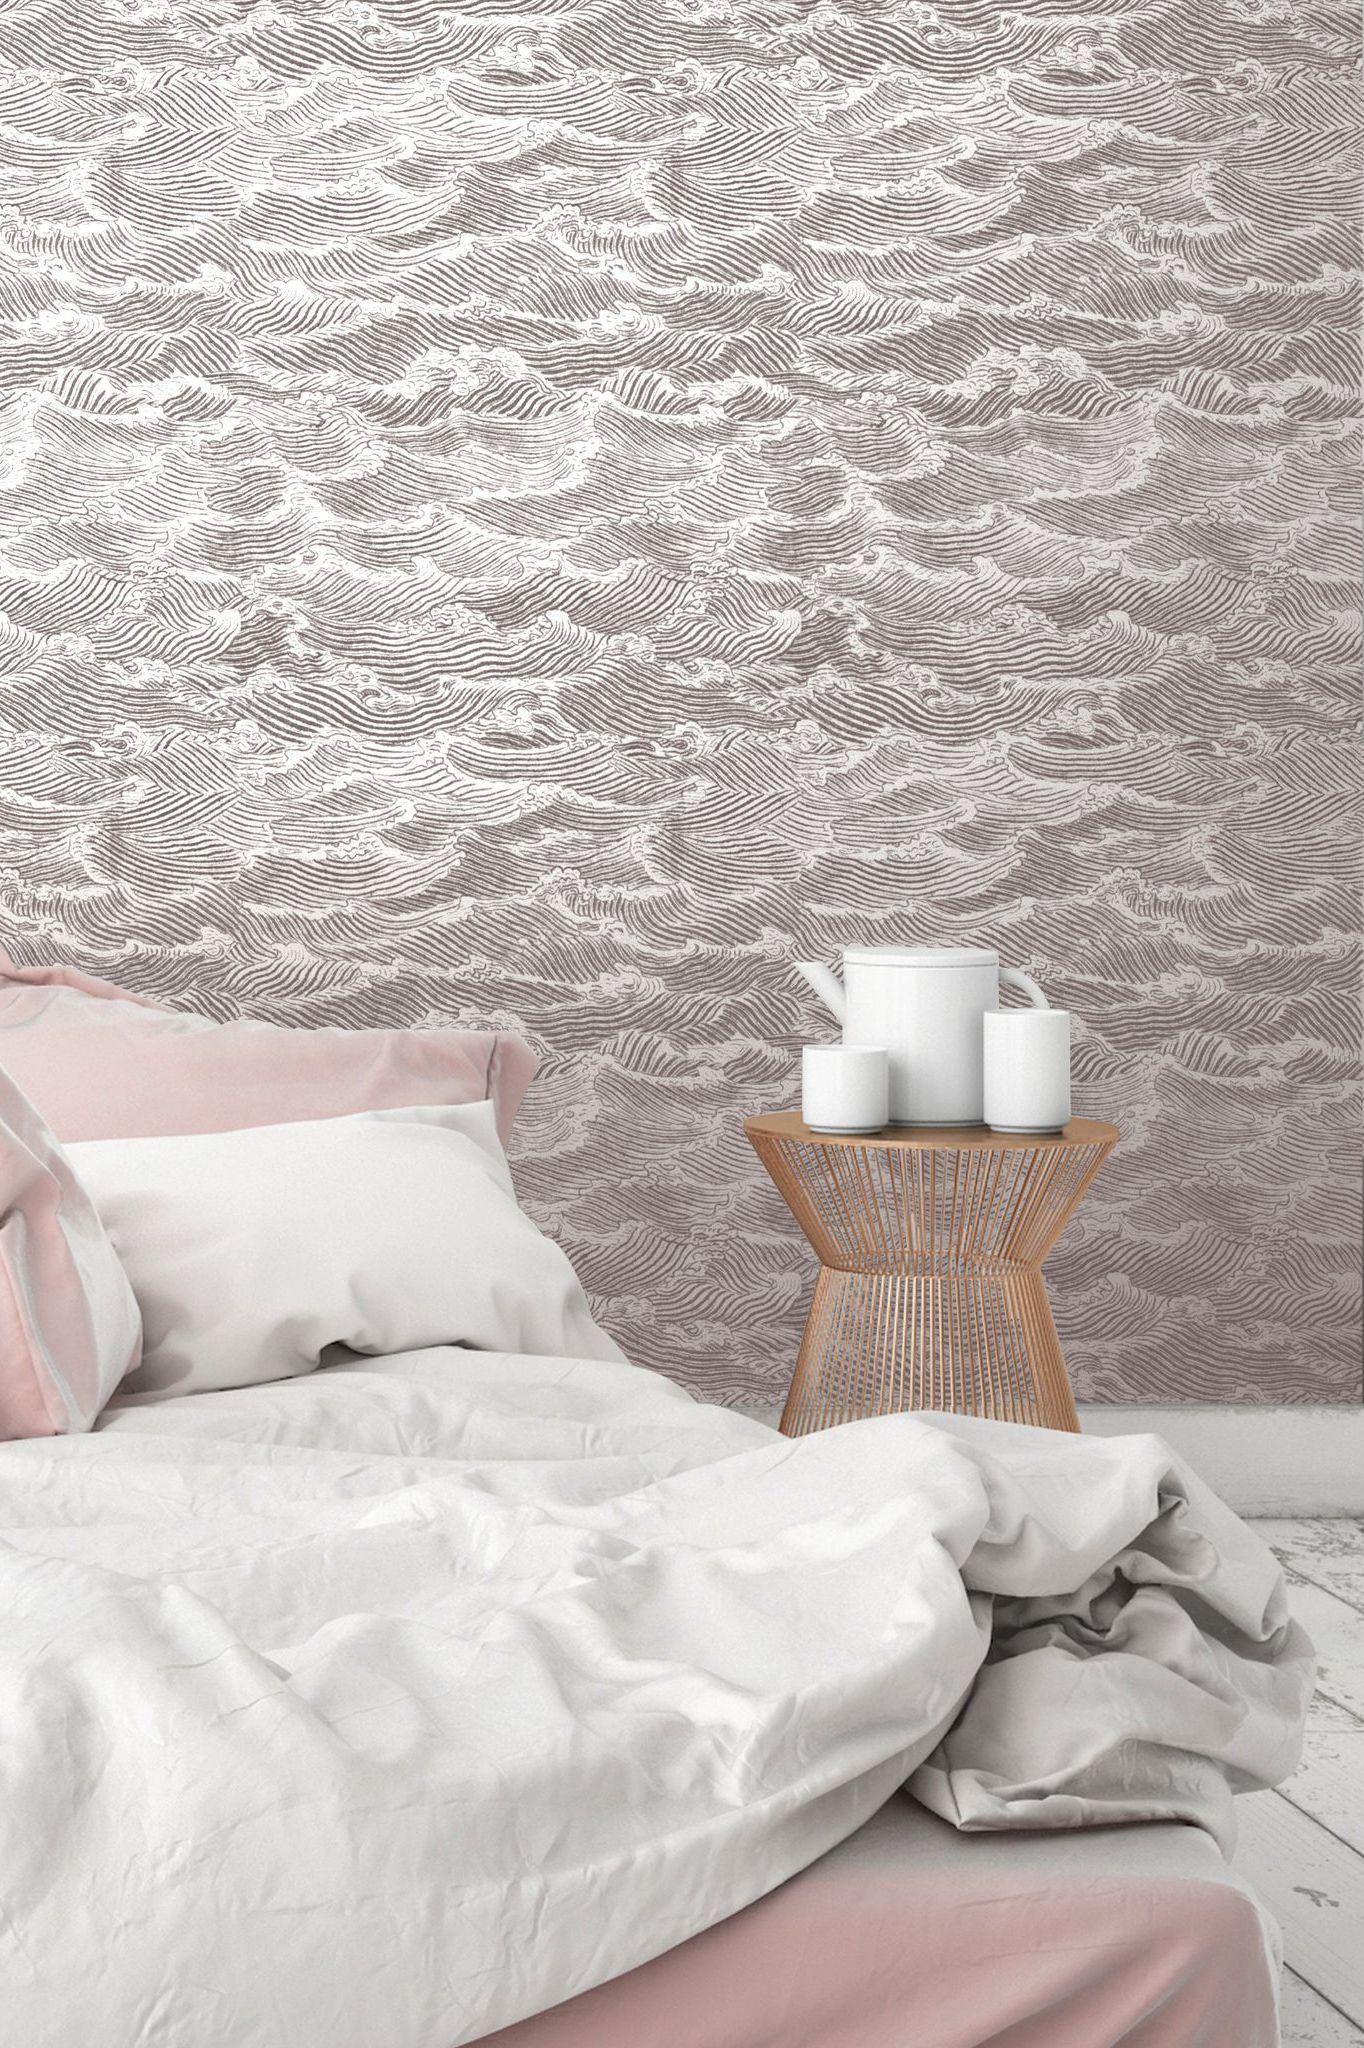 papermint marque de papier peint fran ais walls and. Black Bedroom Furniture Sets. Home Design Ideas